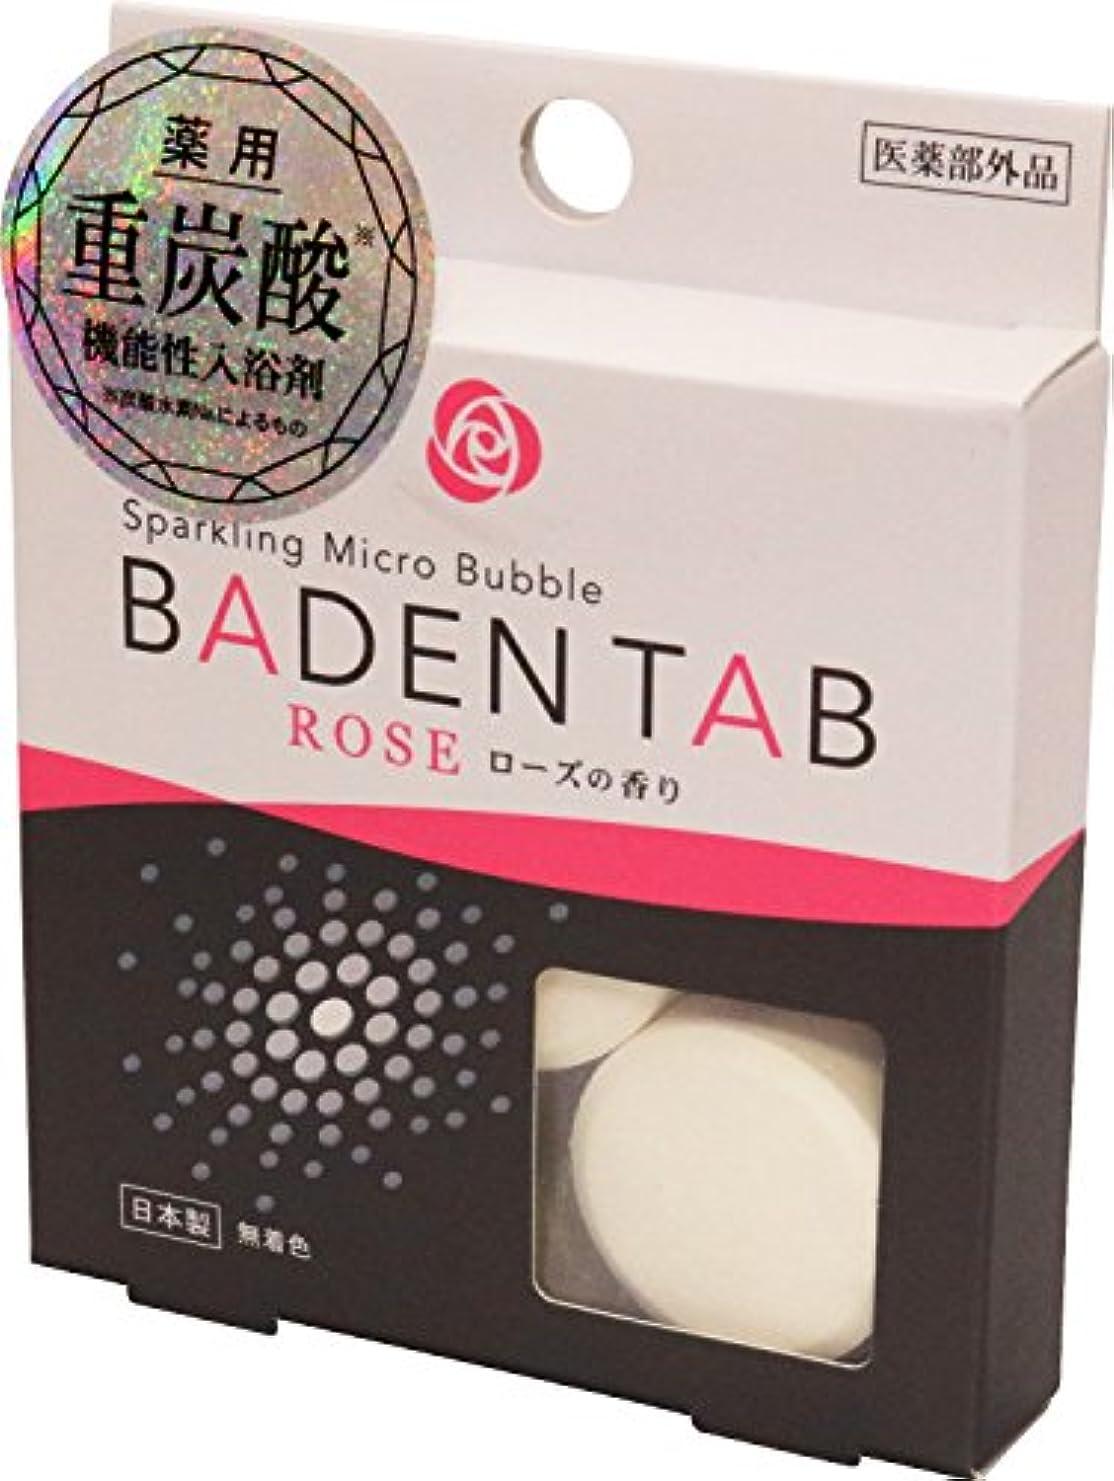 褒賞バケツリスキーな紀陽除虫菊 薬用 重炭酸 機能性入浴剤 バーデンタブ ローズの香り 5錠